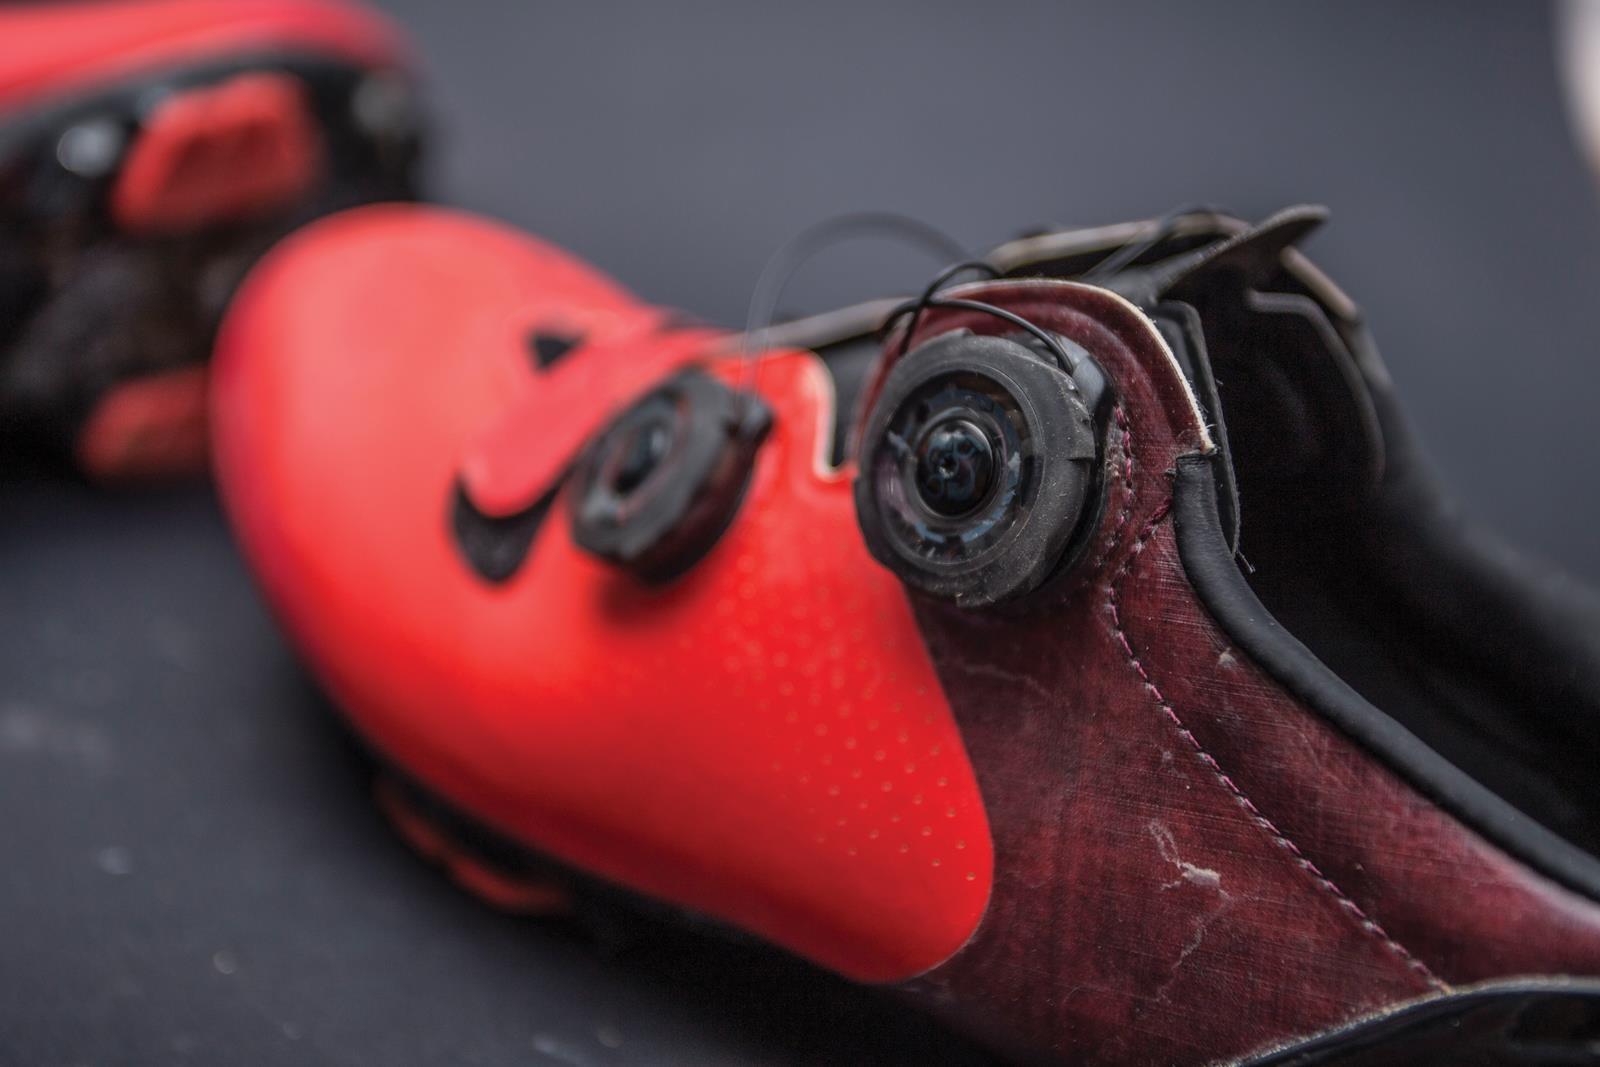 Specialized S-Works XC cipele slika 1